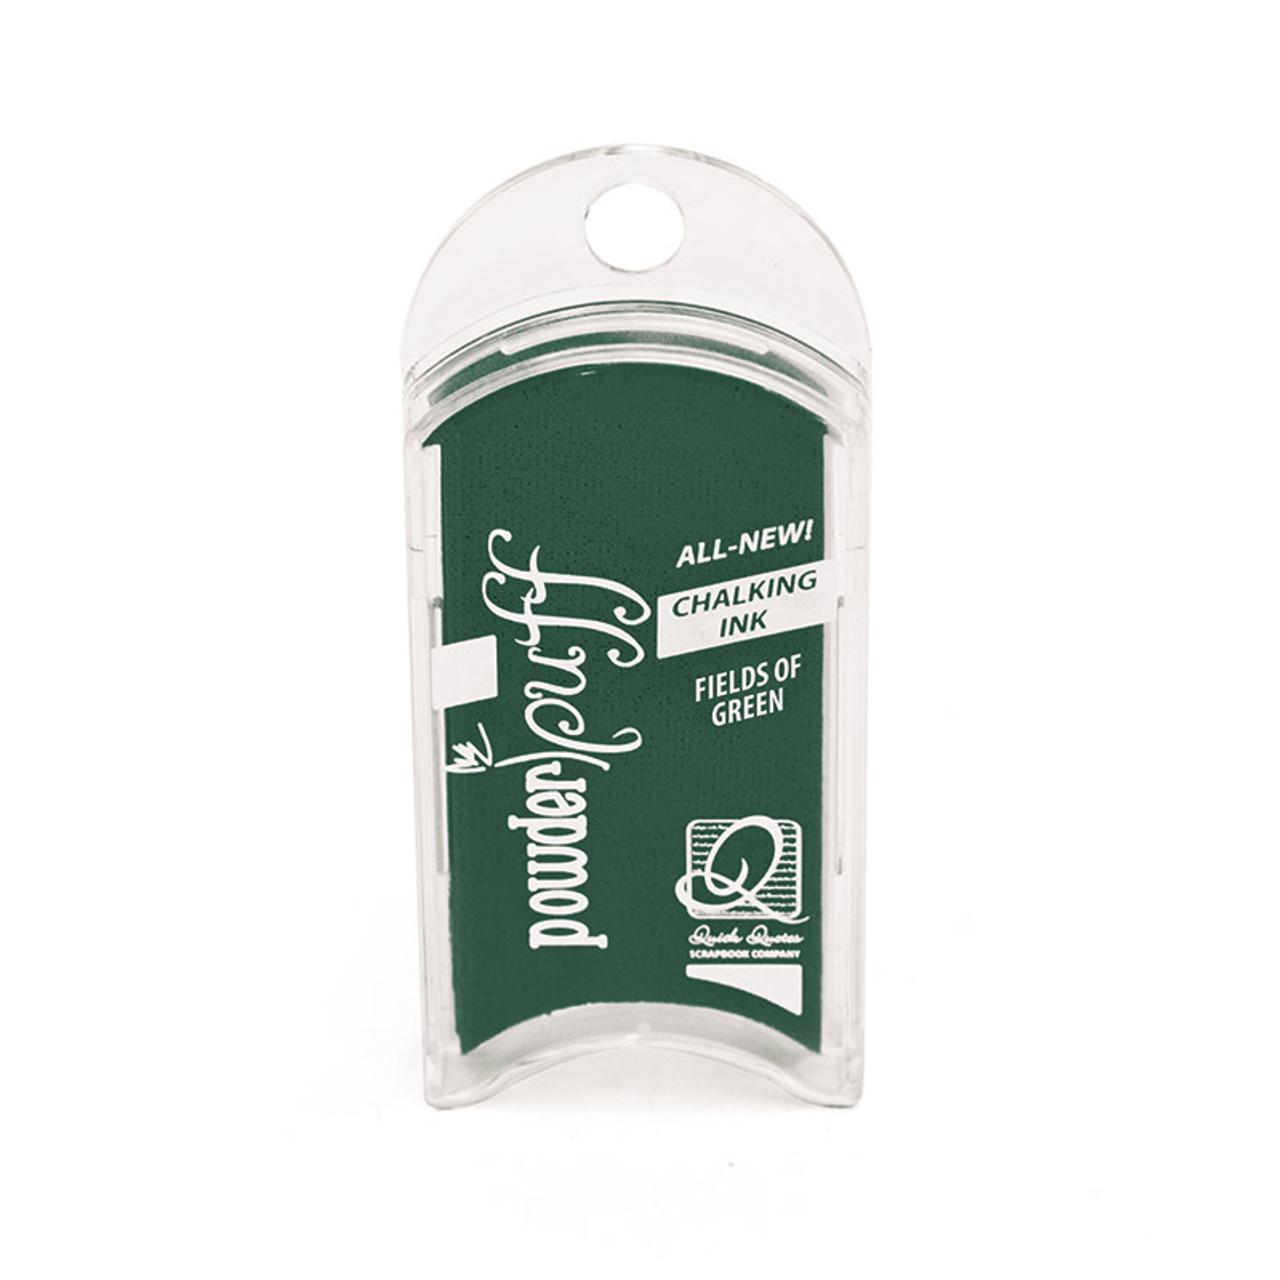 Fields of Green PowderPuff Chalking Inks (POW147)